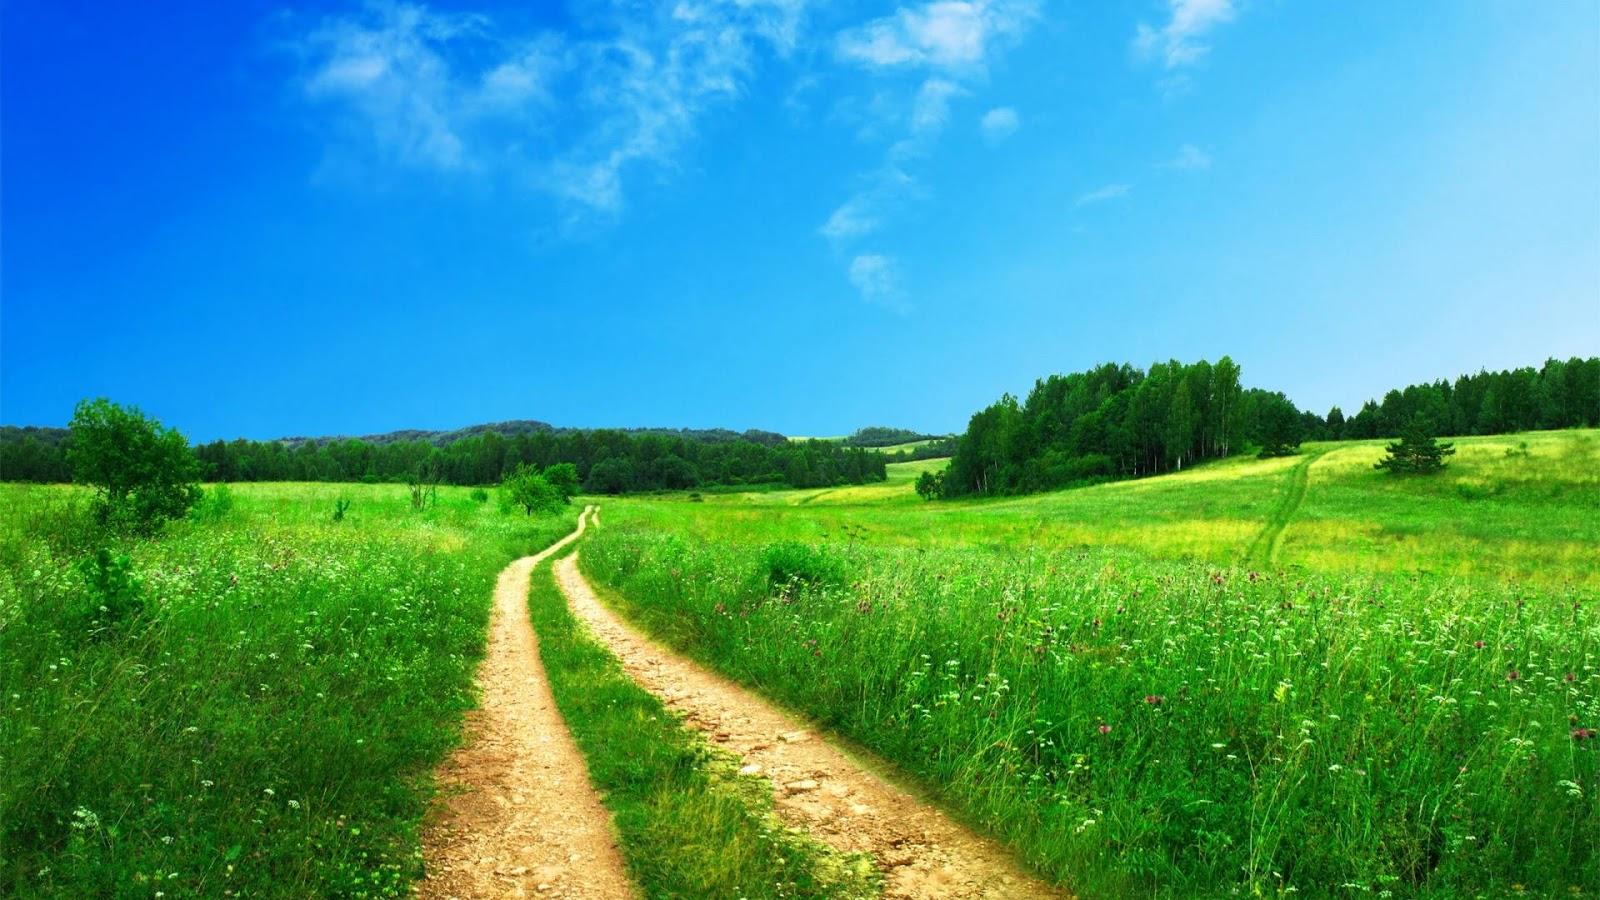 Le-chemin-de-la-vie1.jpg